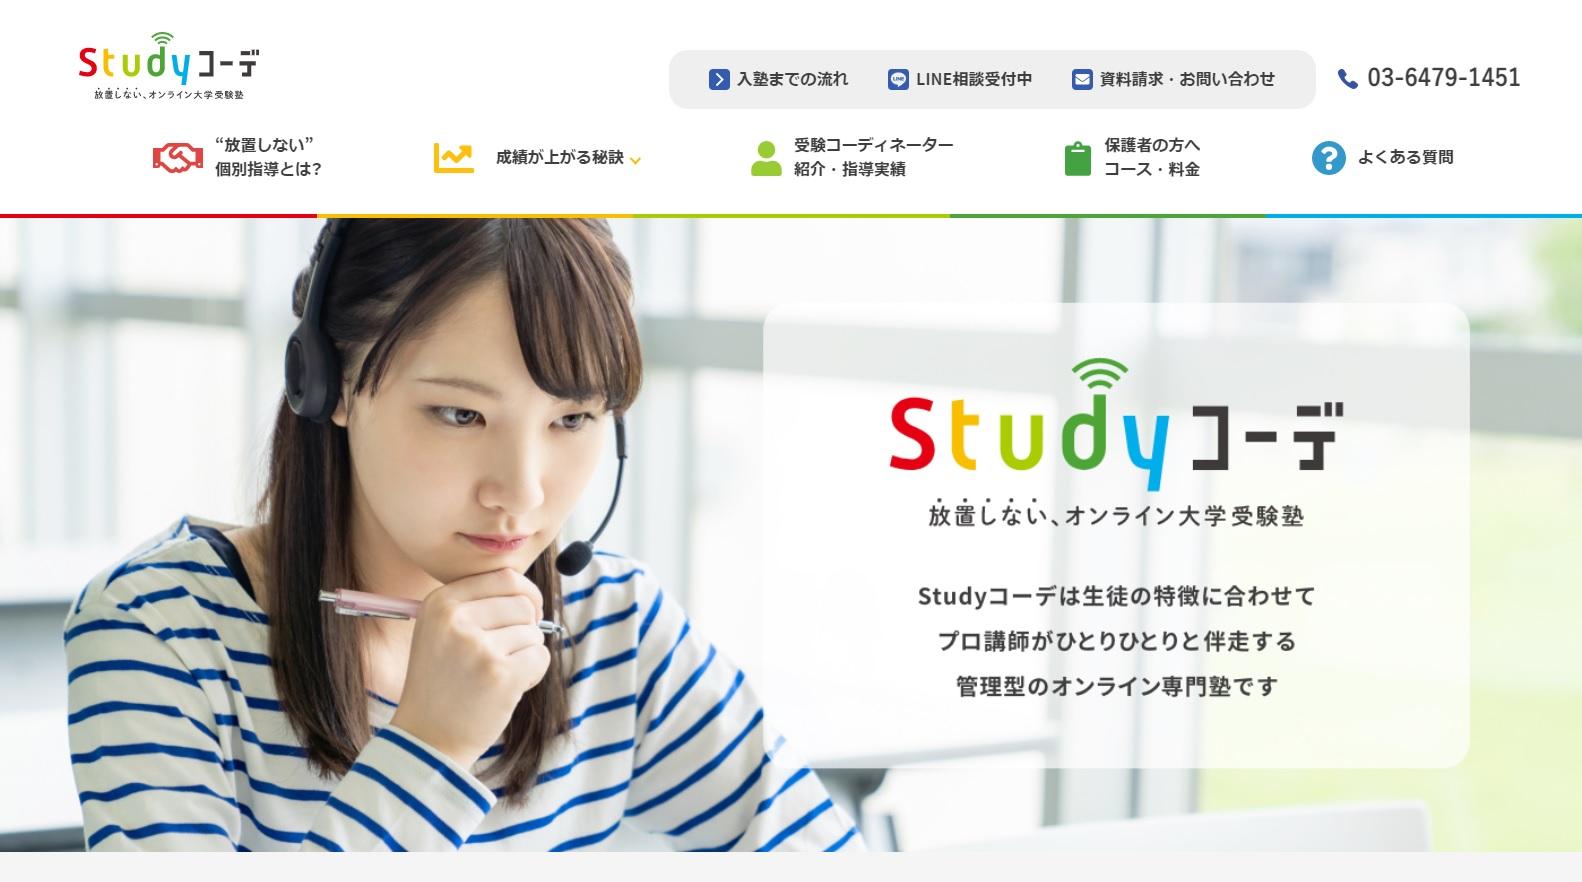 『Studyコーデ』が「今、注目のオンライン大学受験」など2項目で第1位を獲得!